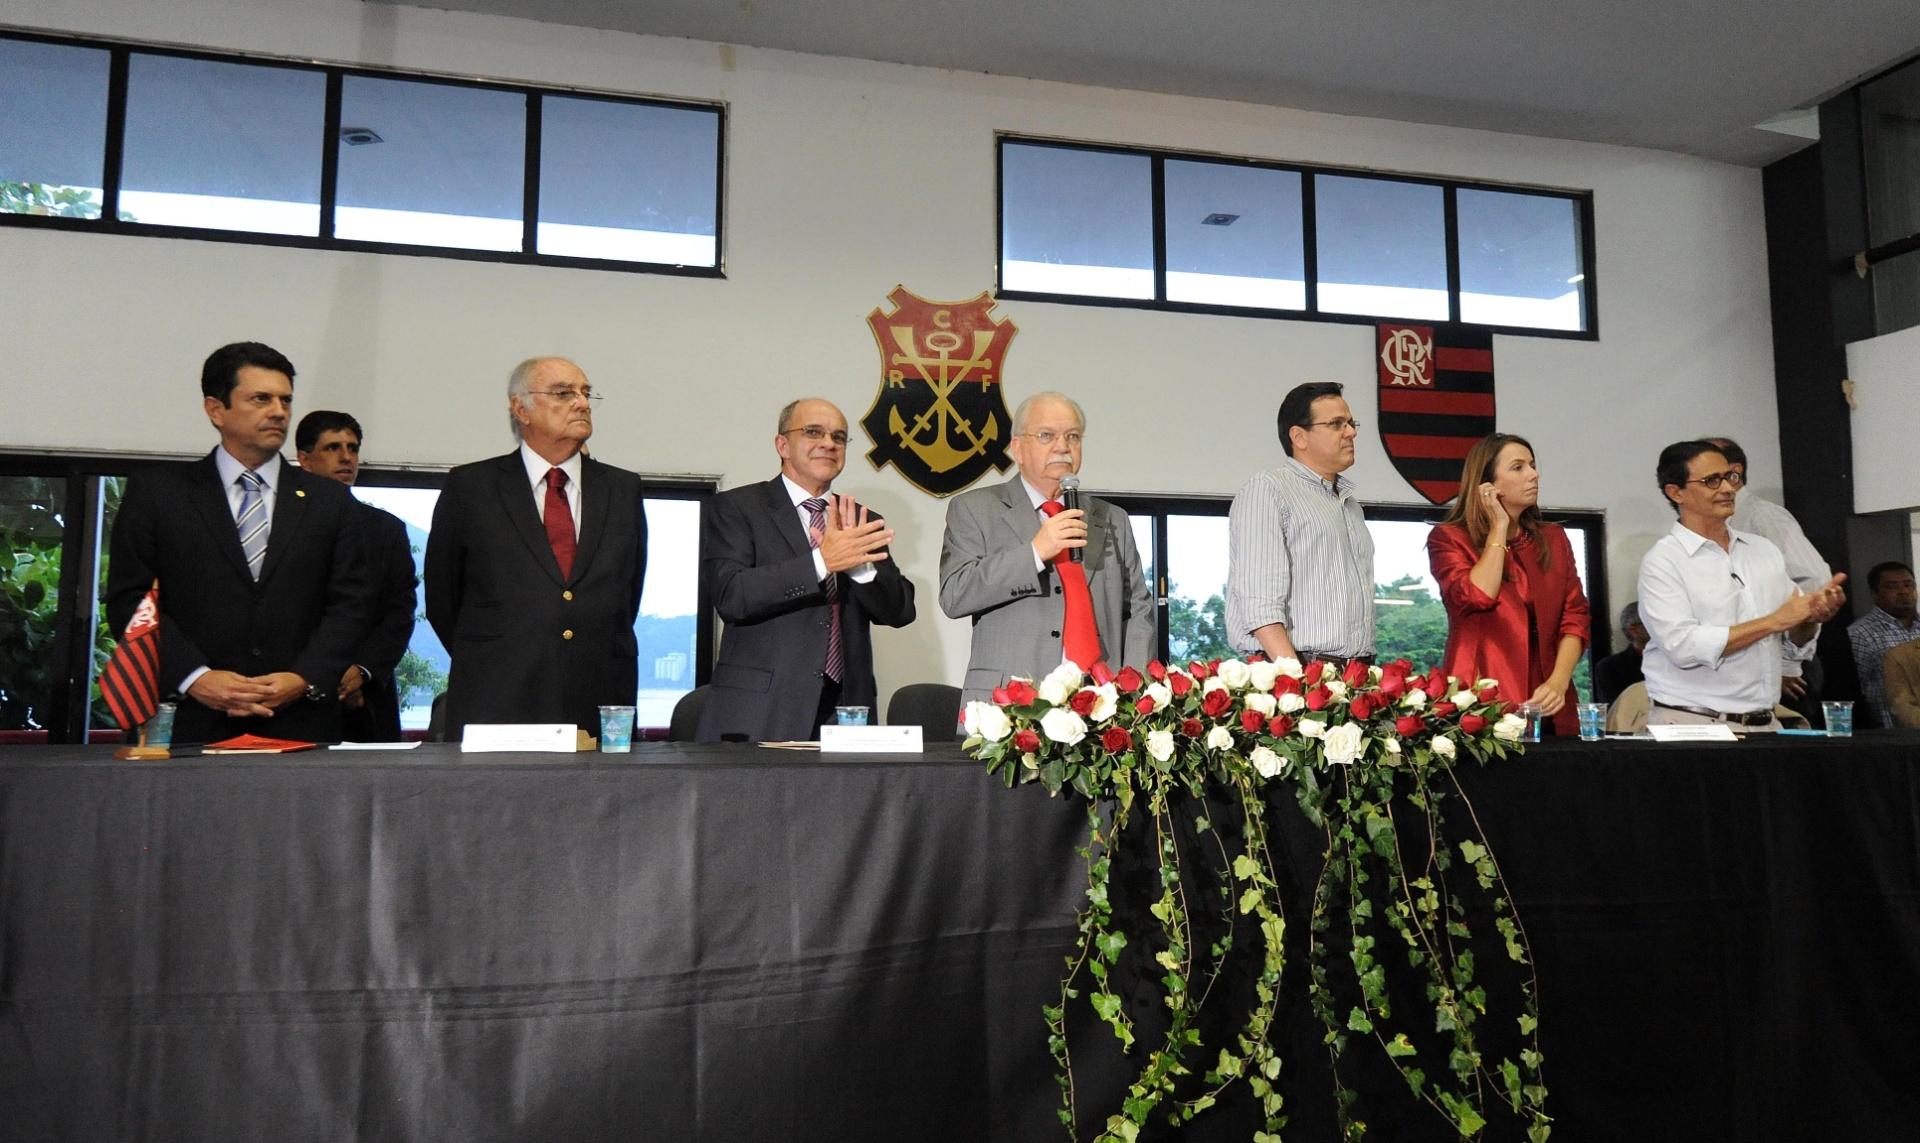 ce2c23706d Disputa por novas vagas no Conselho do Flamengo pode parar na Justiça -  27 12 2014 - UOL Esporte